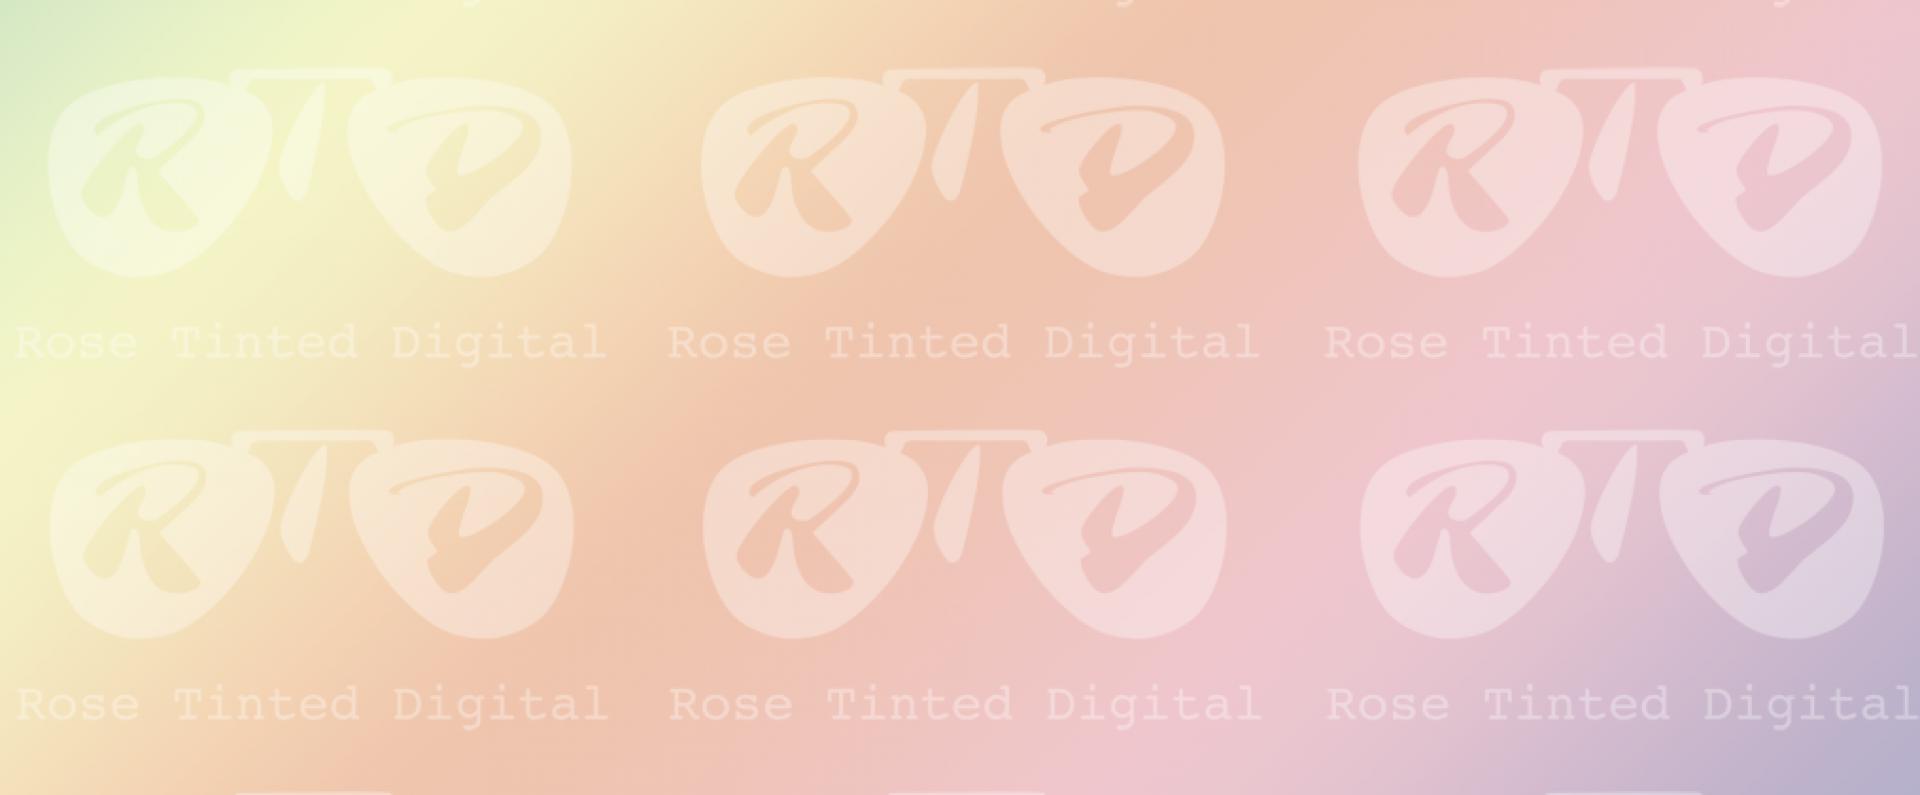 Rose Tinted Digital